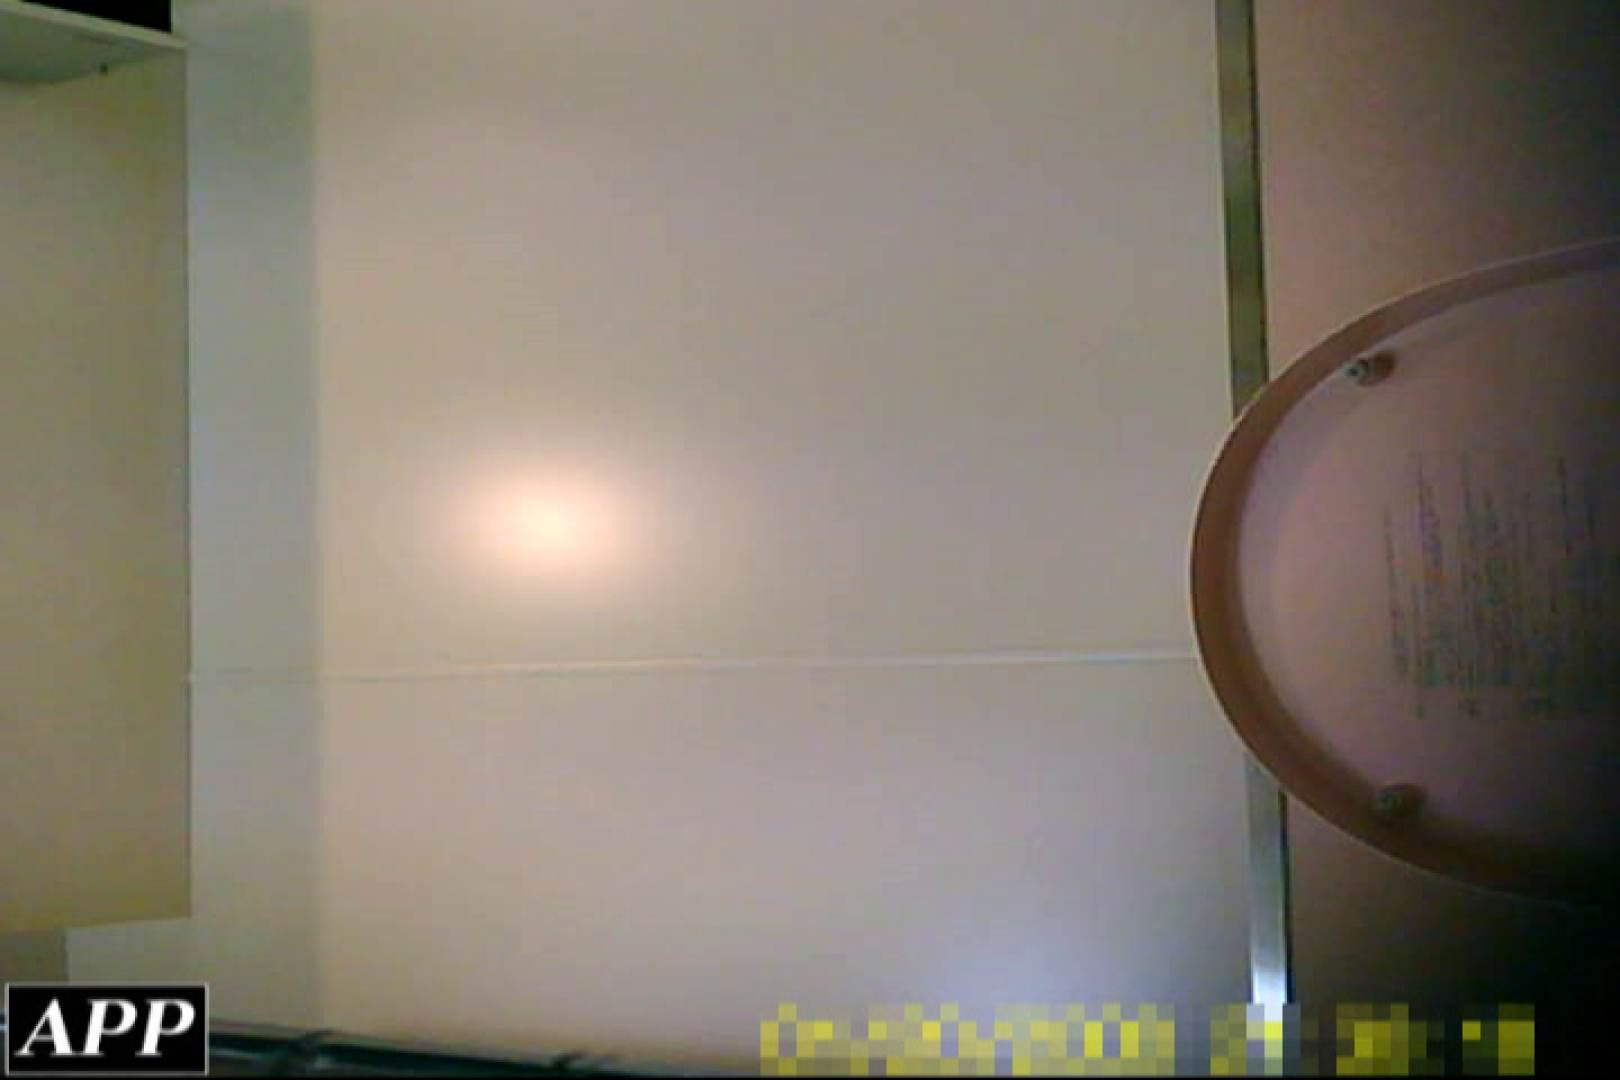 3視点洗面所 vol.02 マンコ おめこ無修正動画無料 92画像 29